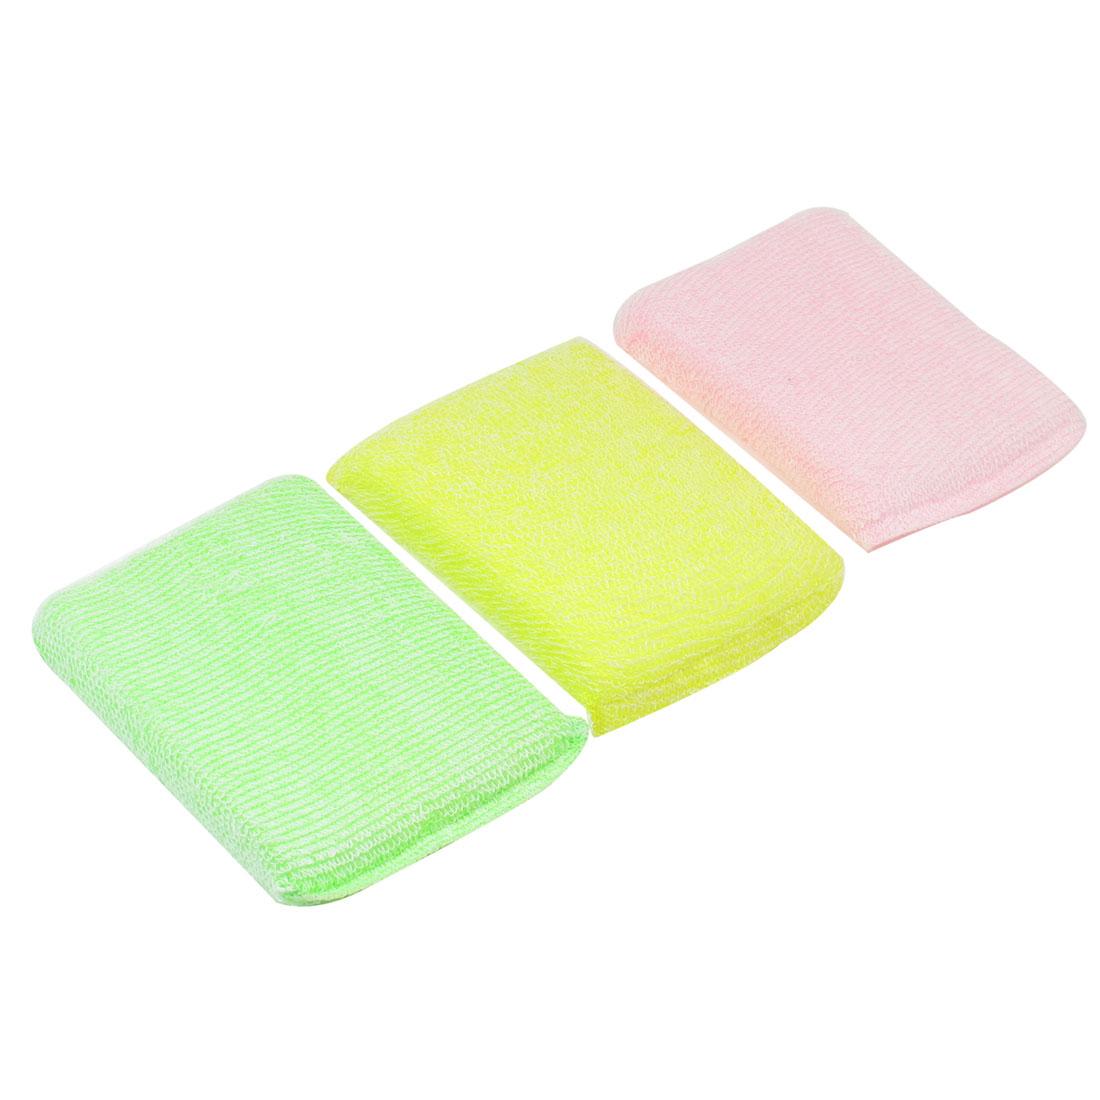 Kitchen Cotton Blends Wraped Sponge Tri Color Dish Pad Cleaner 3 Pcs